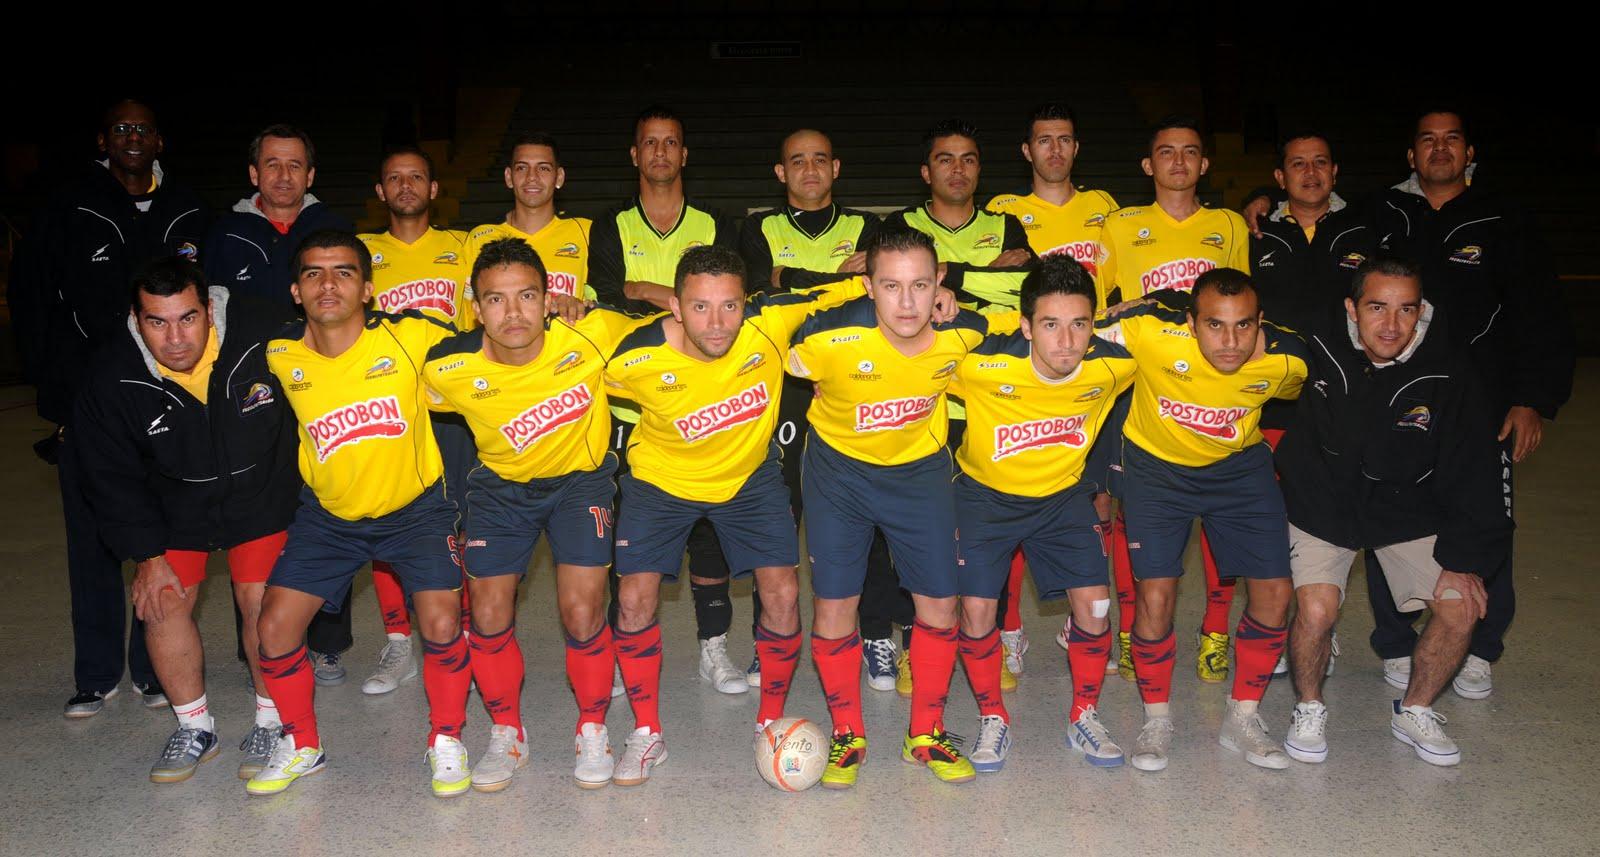 seleccion de microfutbol futbol de salon colombia